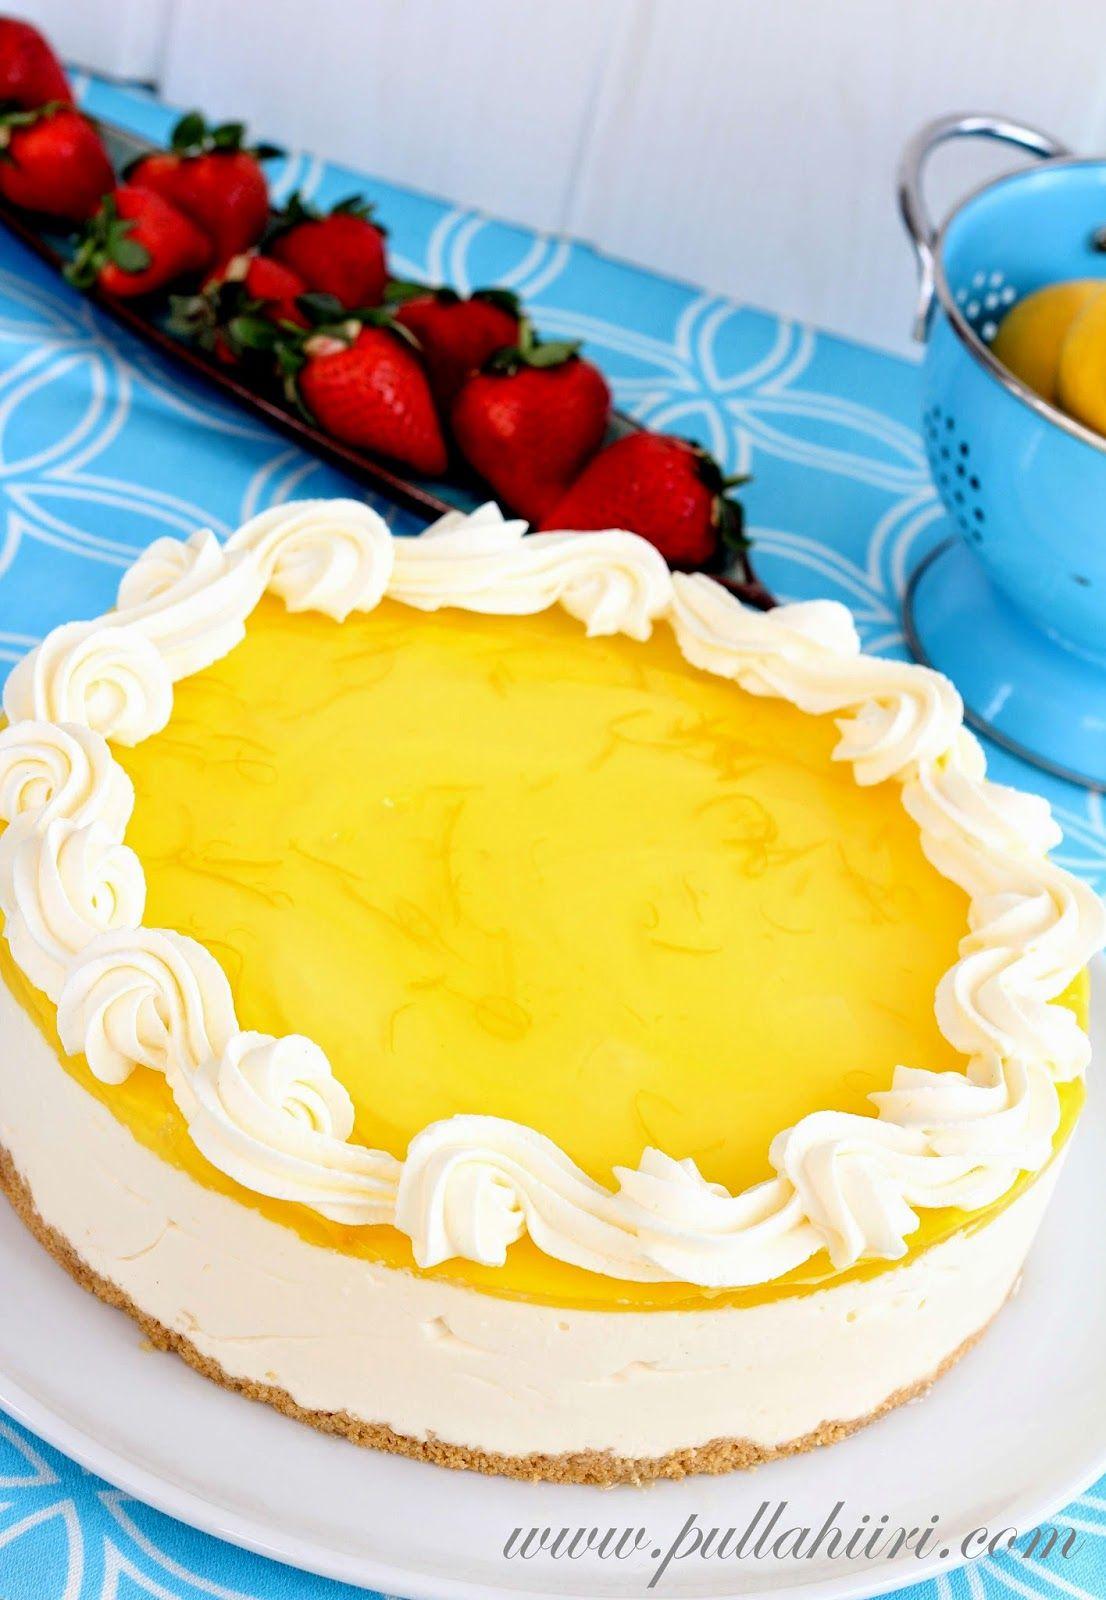 Pullahiiren leivontanurkka: Sitruunahyydykekakku - Lemon curd cheesecake